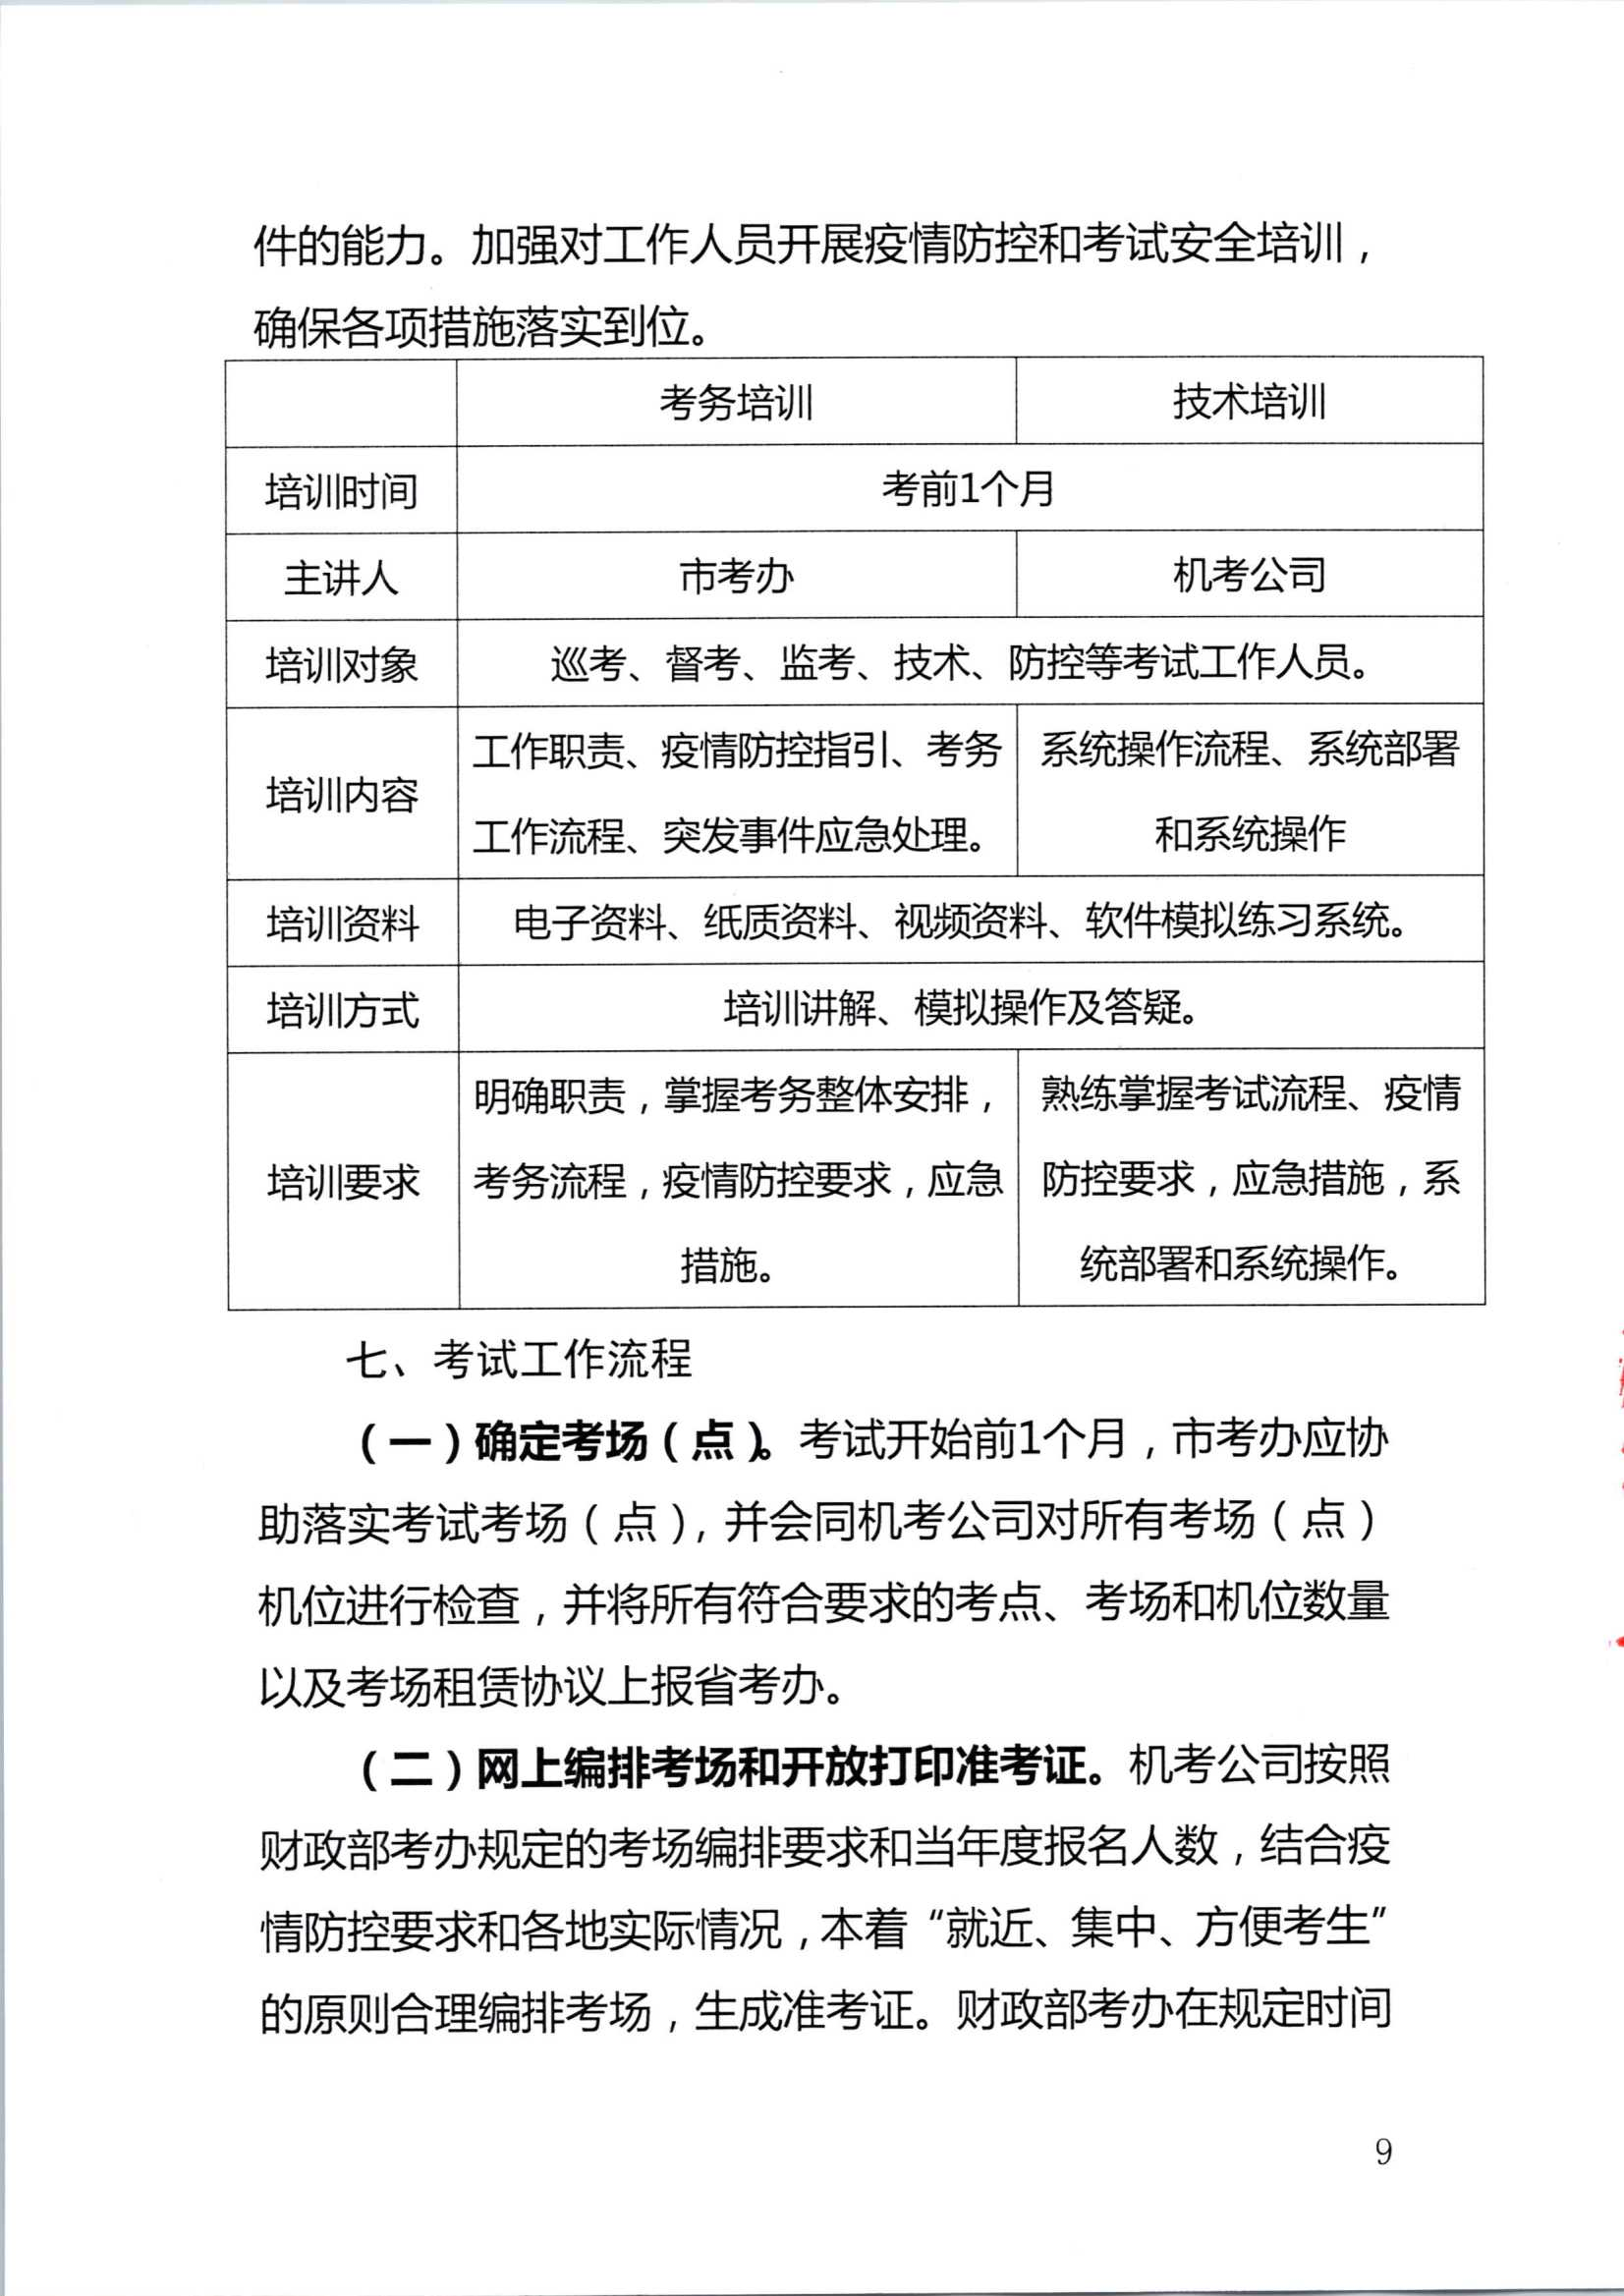 2020年注册会计师全国统一考试深圳考区工作方案_9.Png